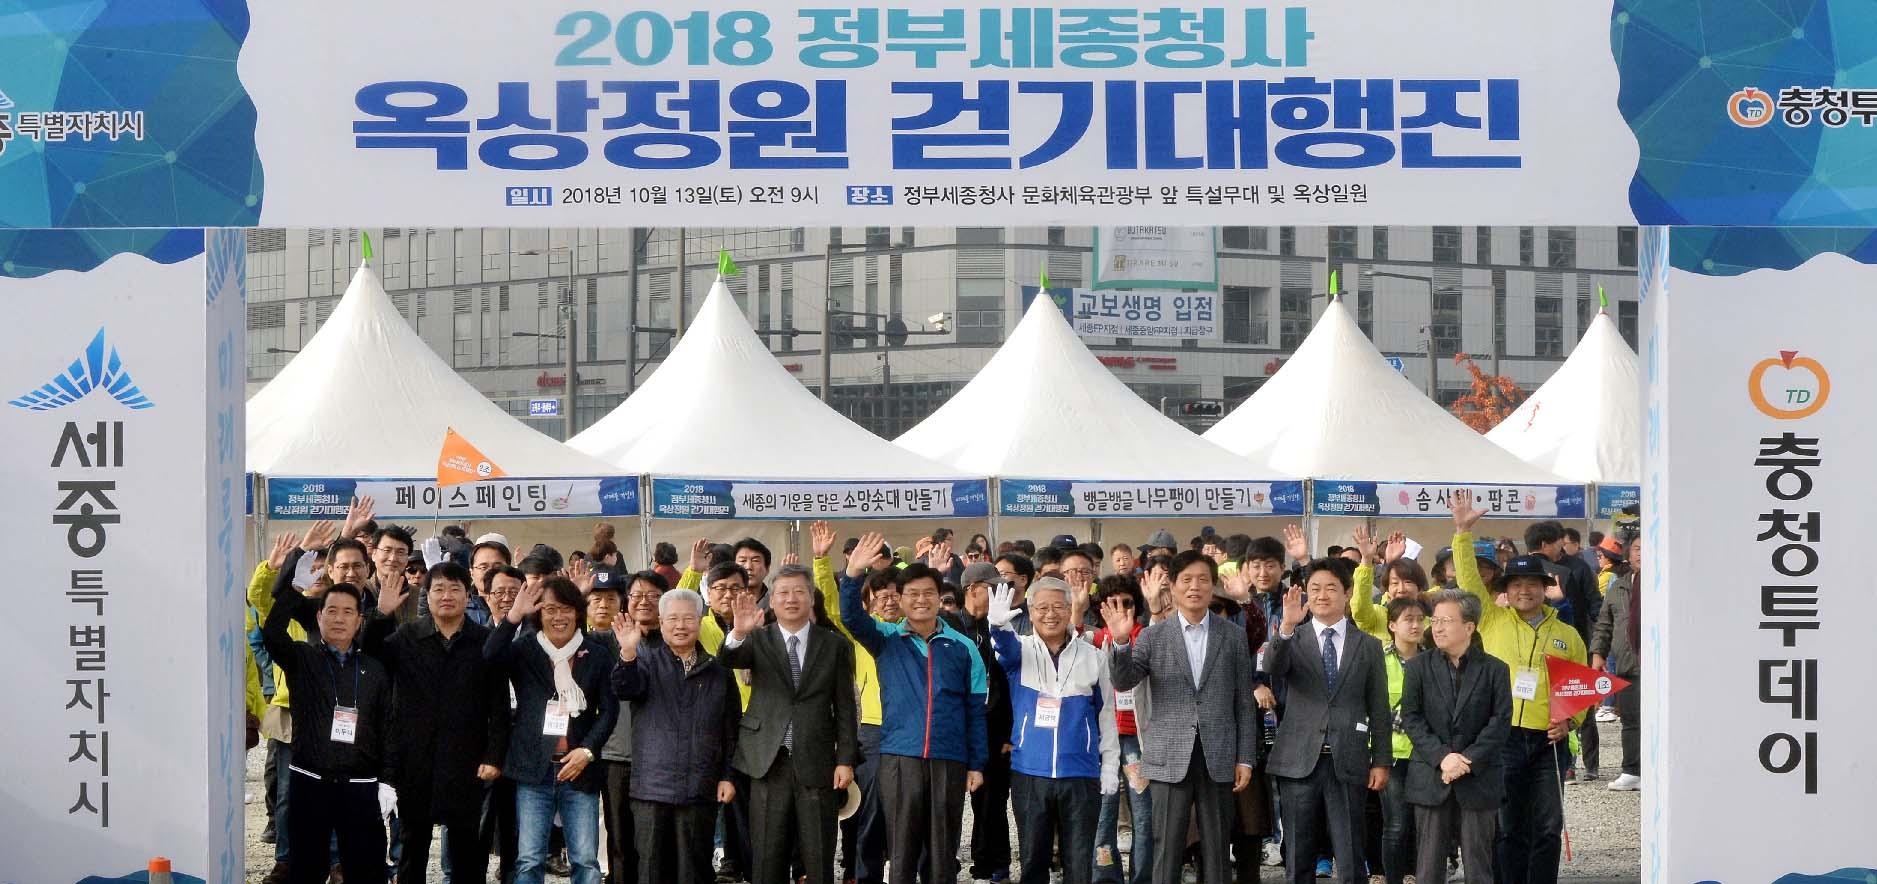 [포토] 2018 정부세종청사 옥상정원 걷기대행진